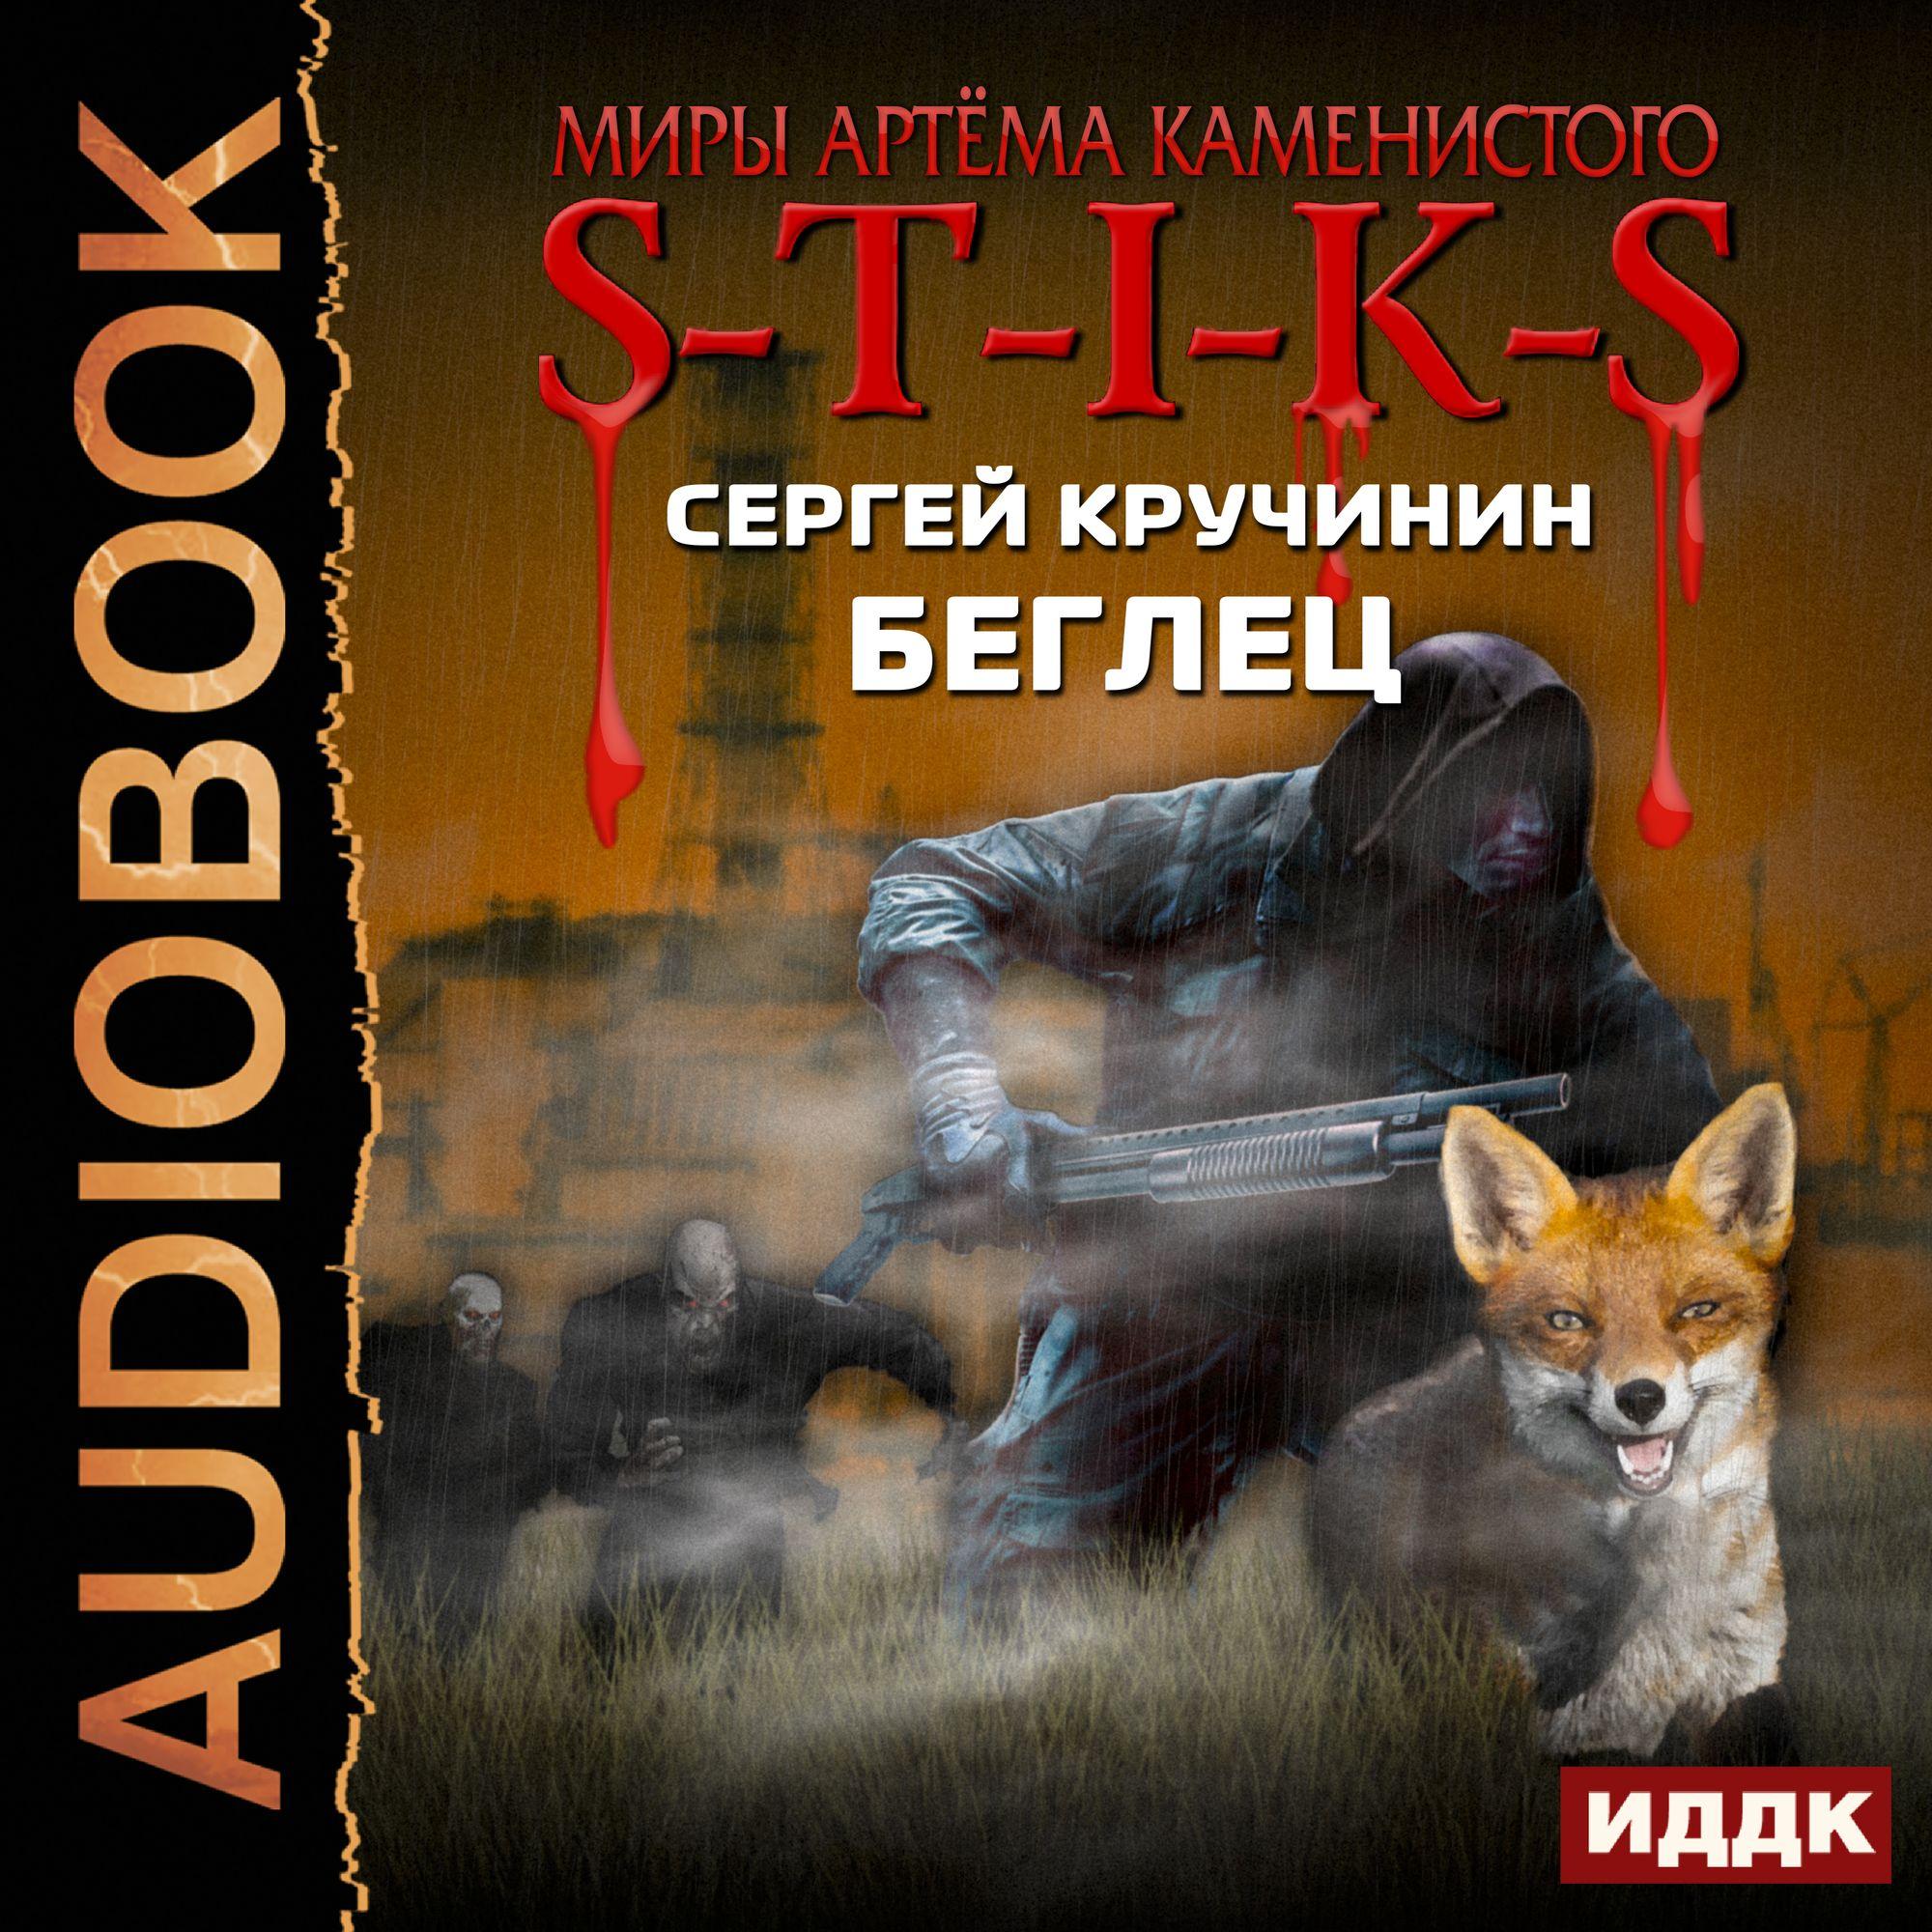 Сергей Кручинин S-T-I-K-S. Беглец нелли видина s t i k s чёрный рейдер